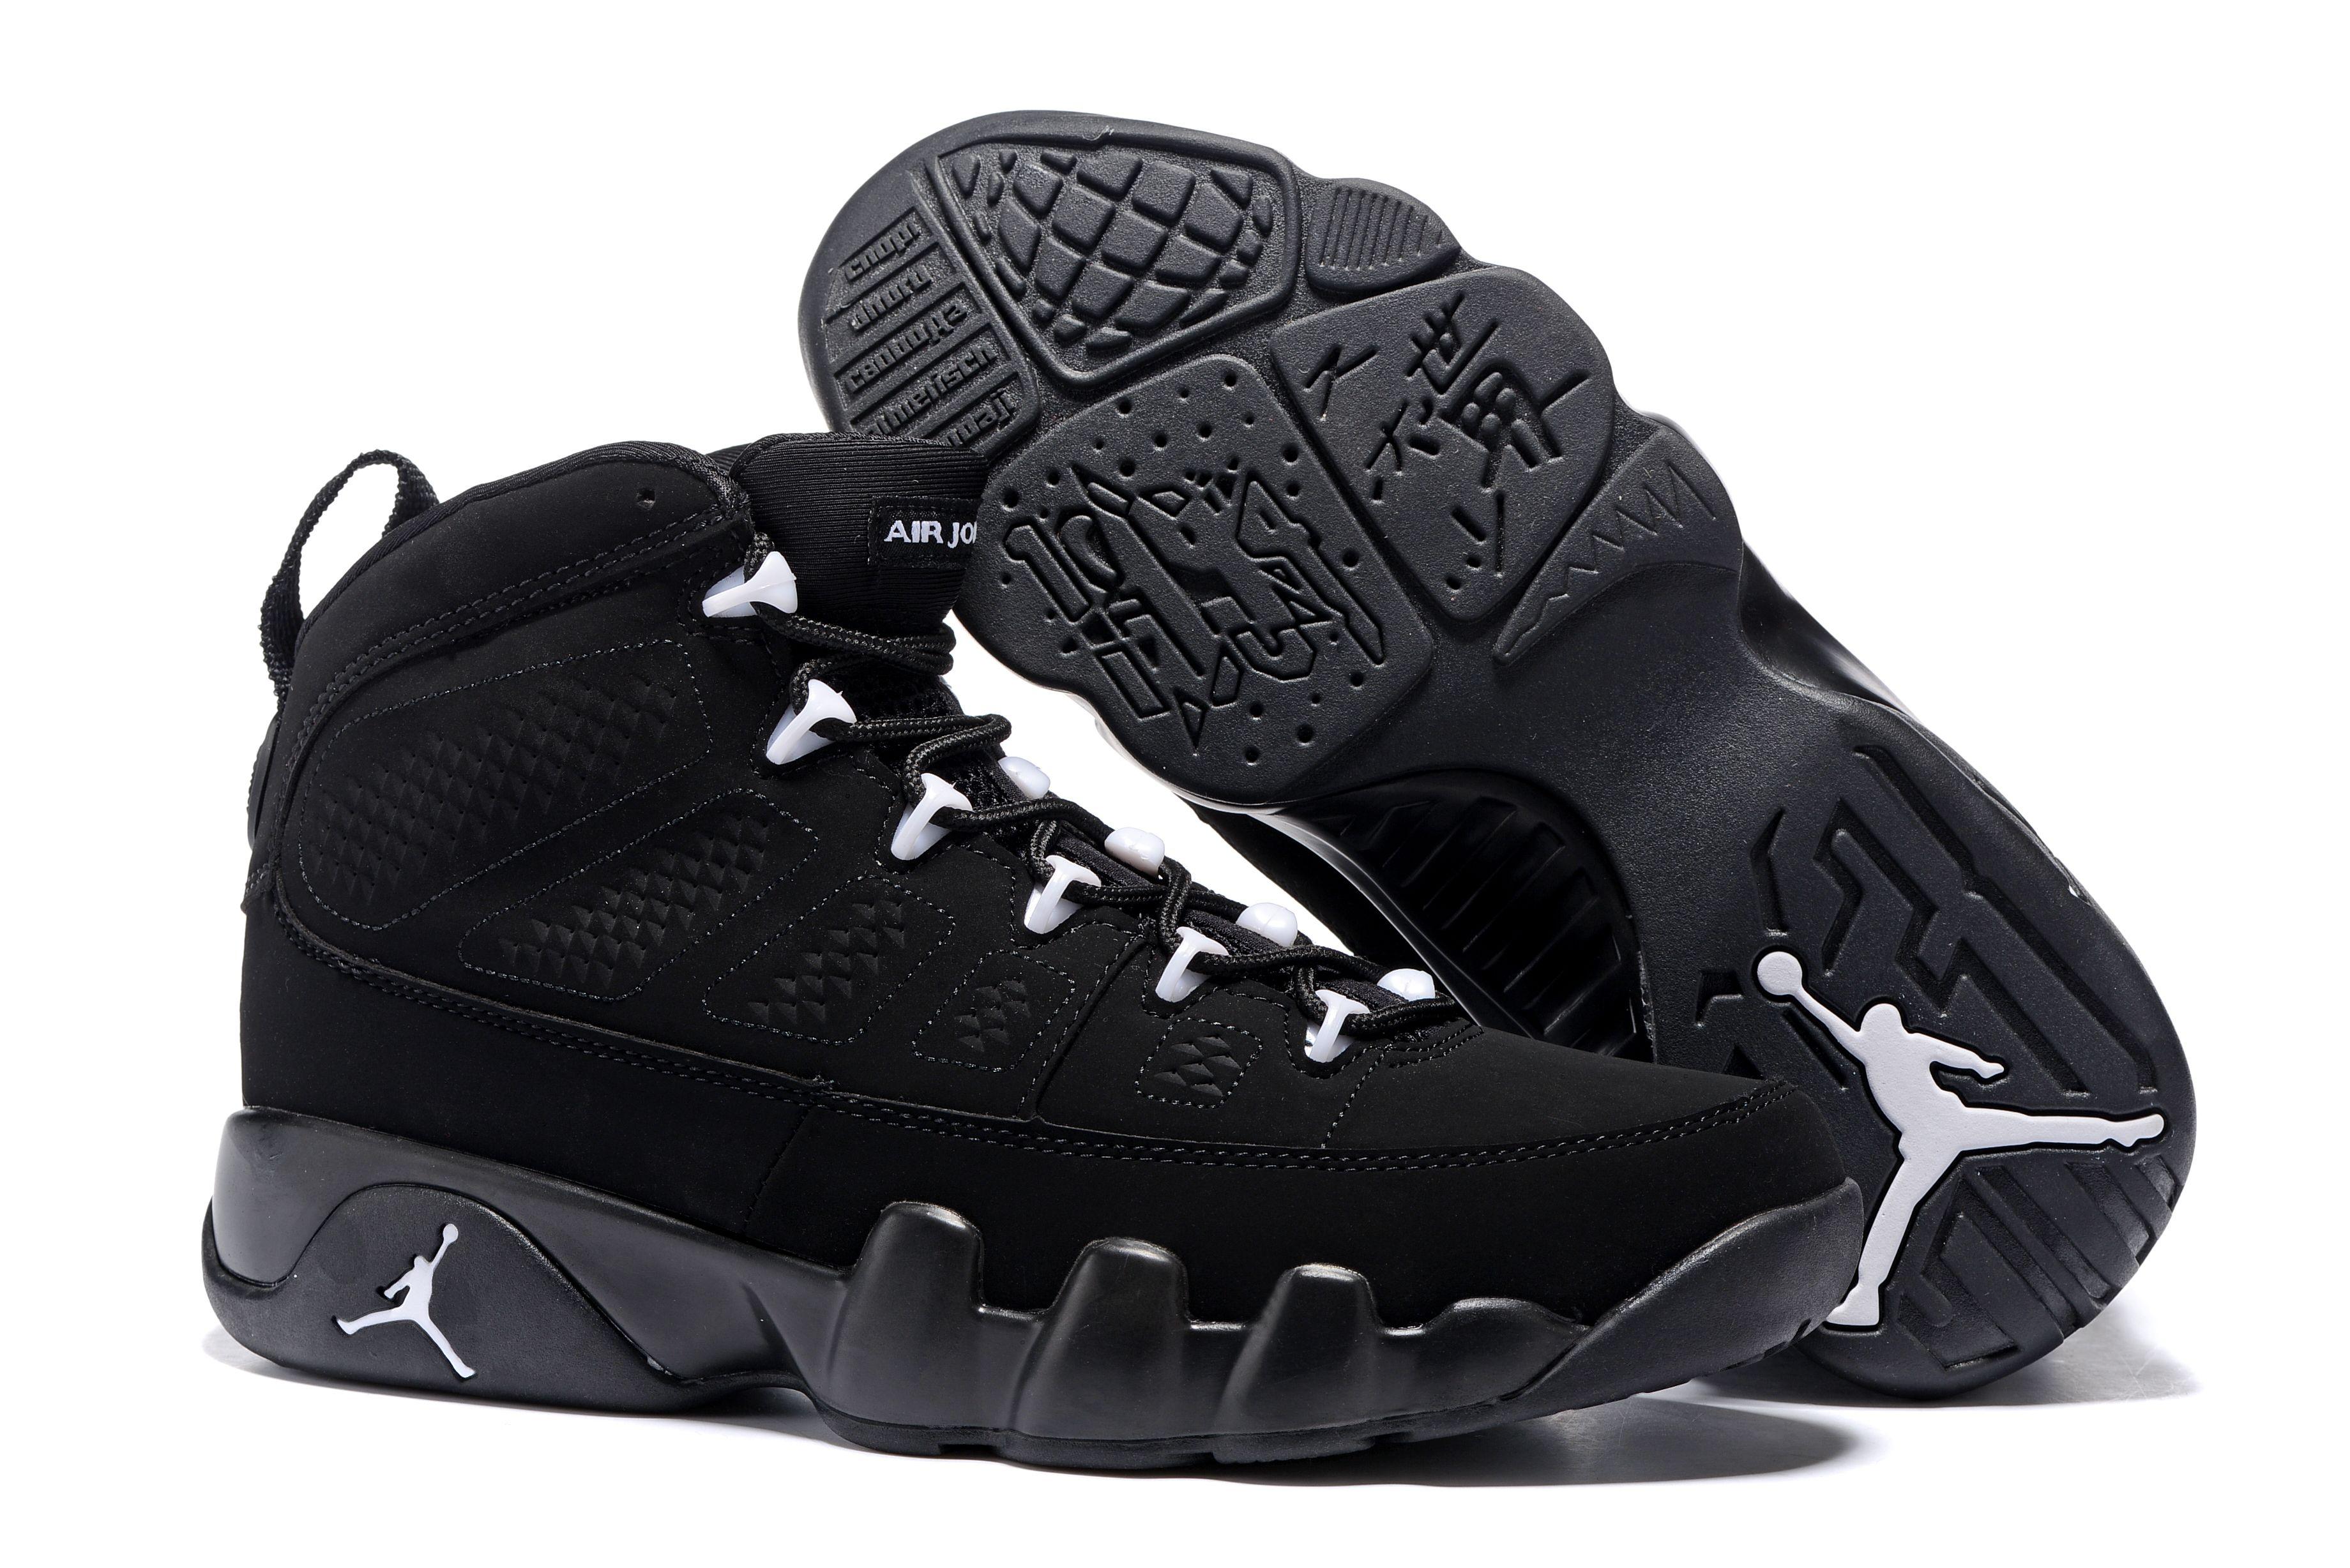 """New Air Jordan 9 Retro """"Anthracite"""